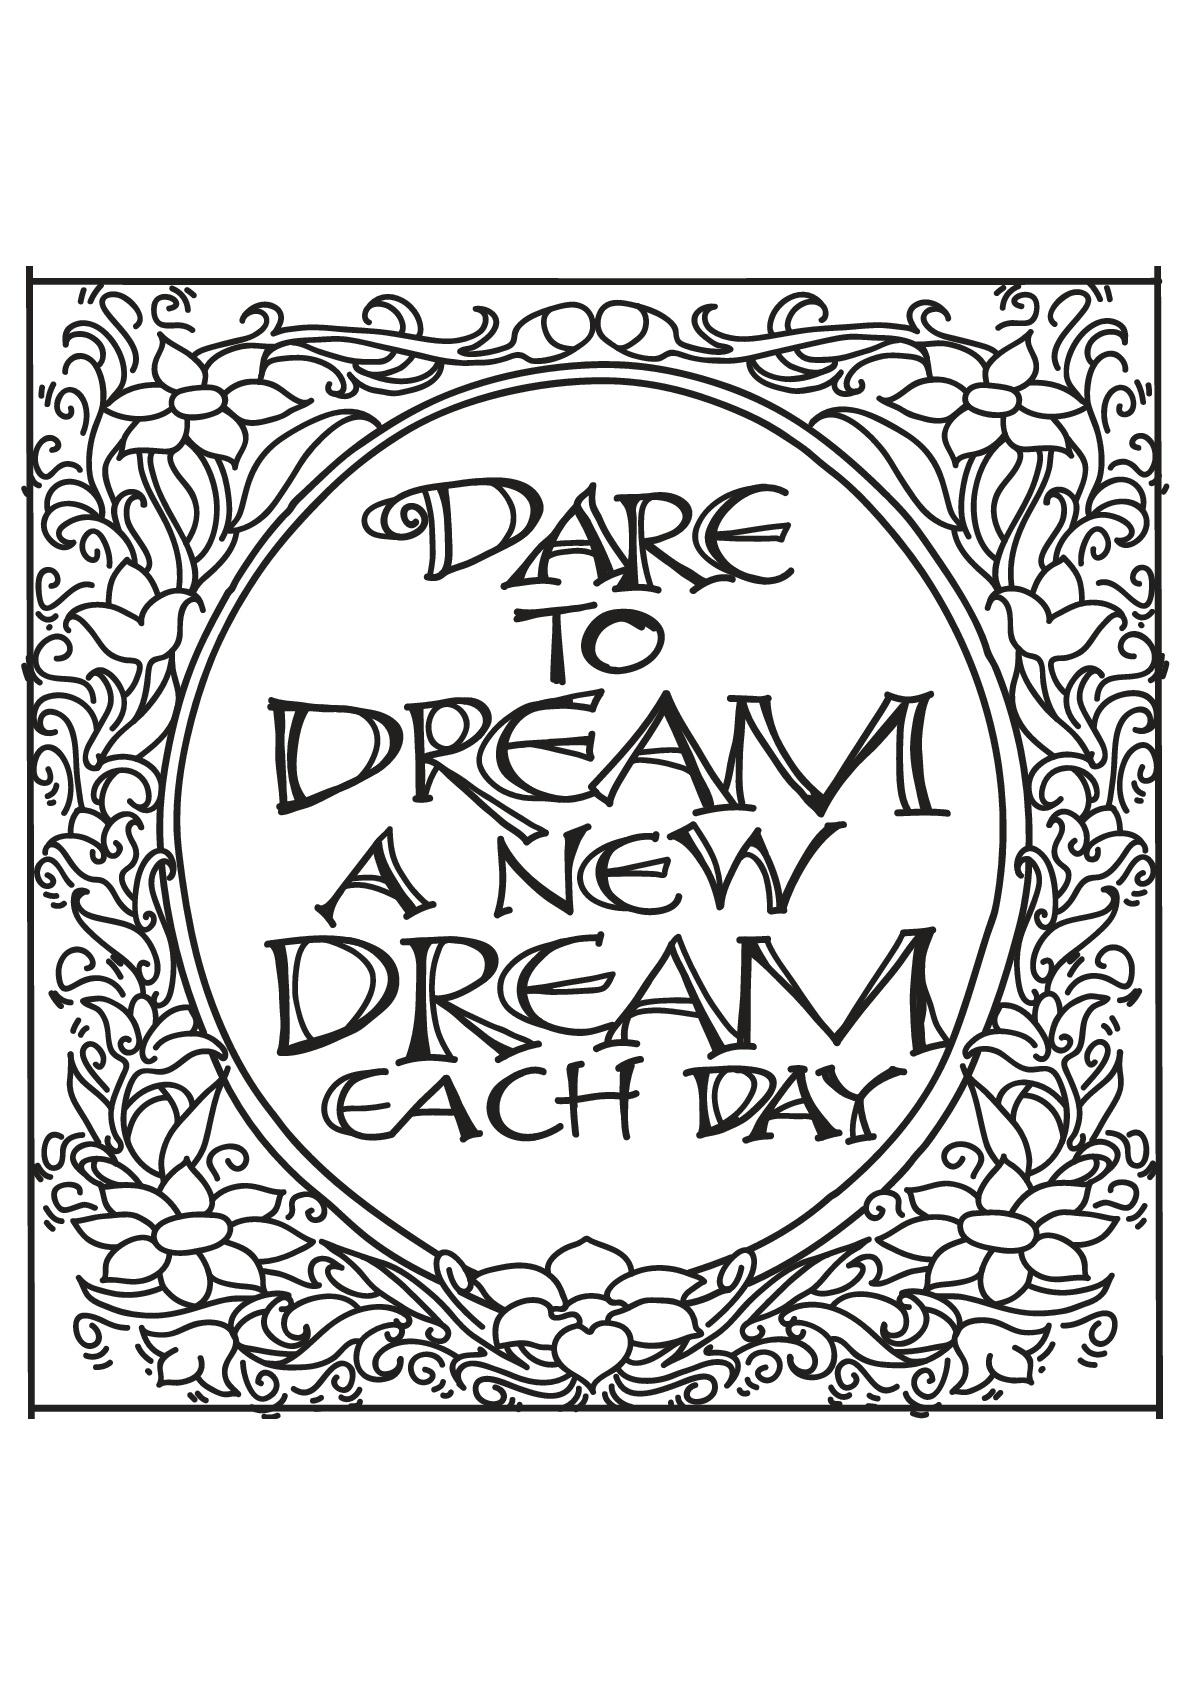 Dare to dream a new dream each day